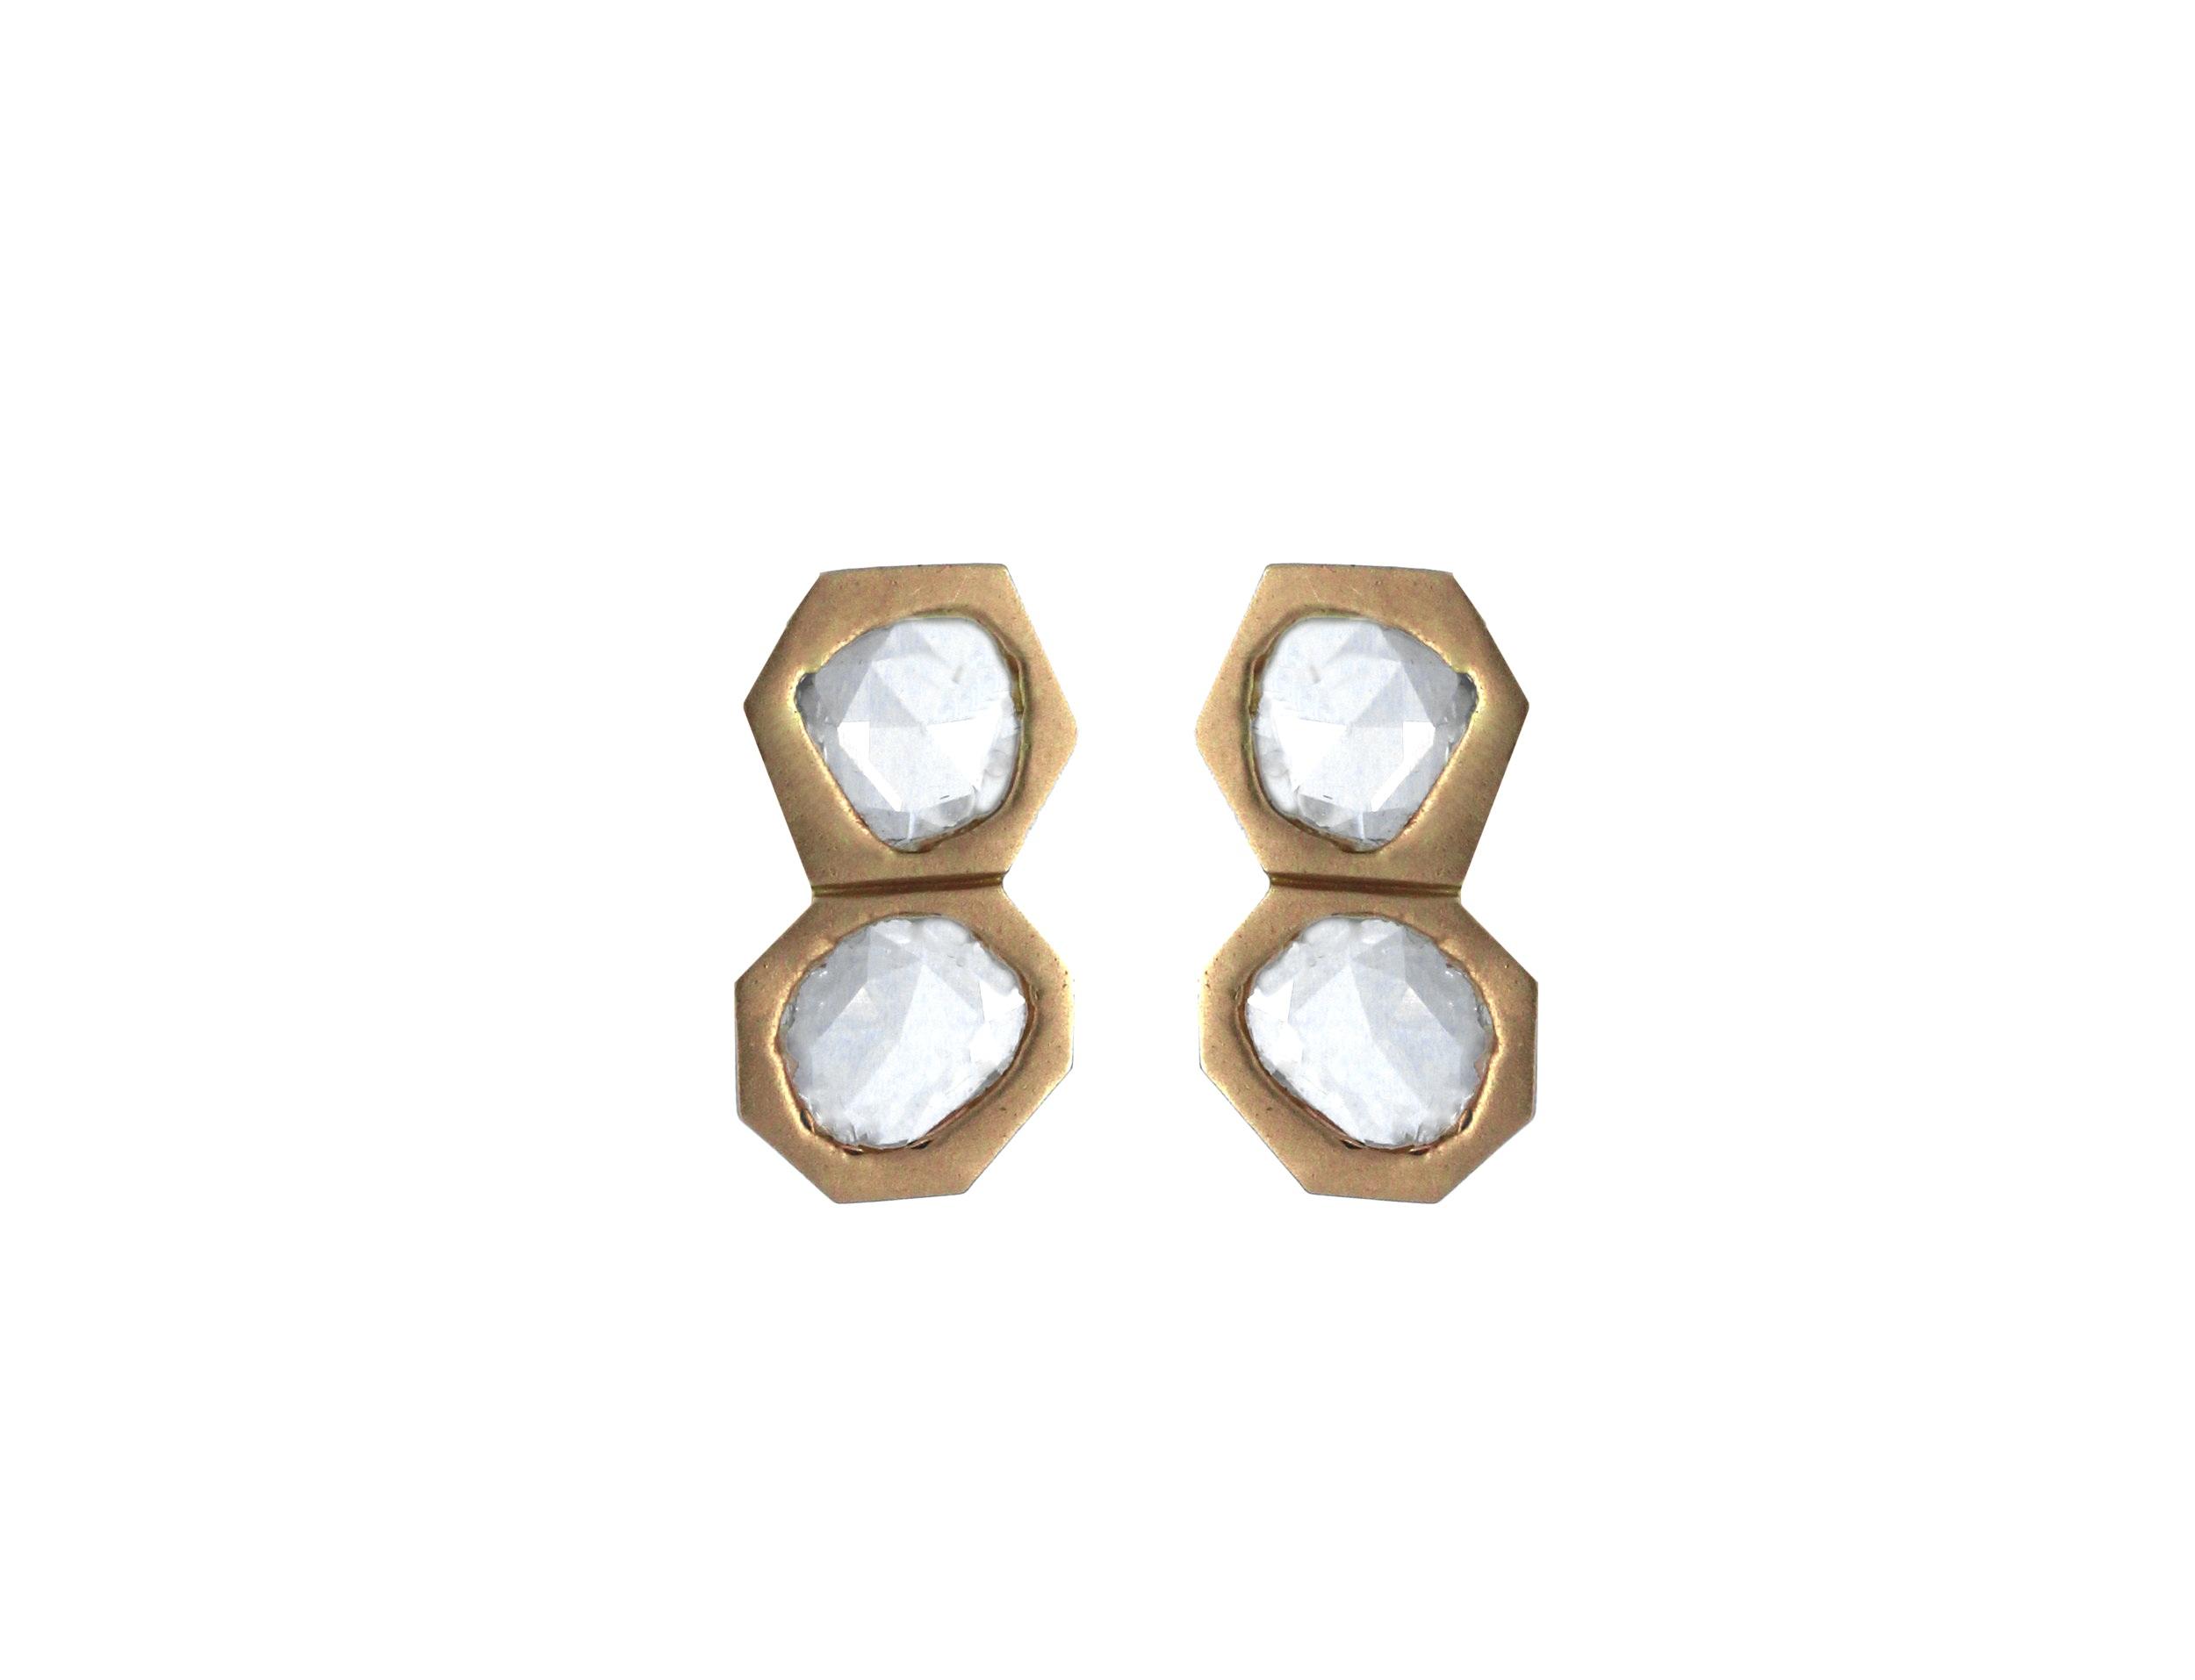 Rose+Cut+Rose+Gold+Diamond+Earrings+Small.jpg